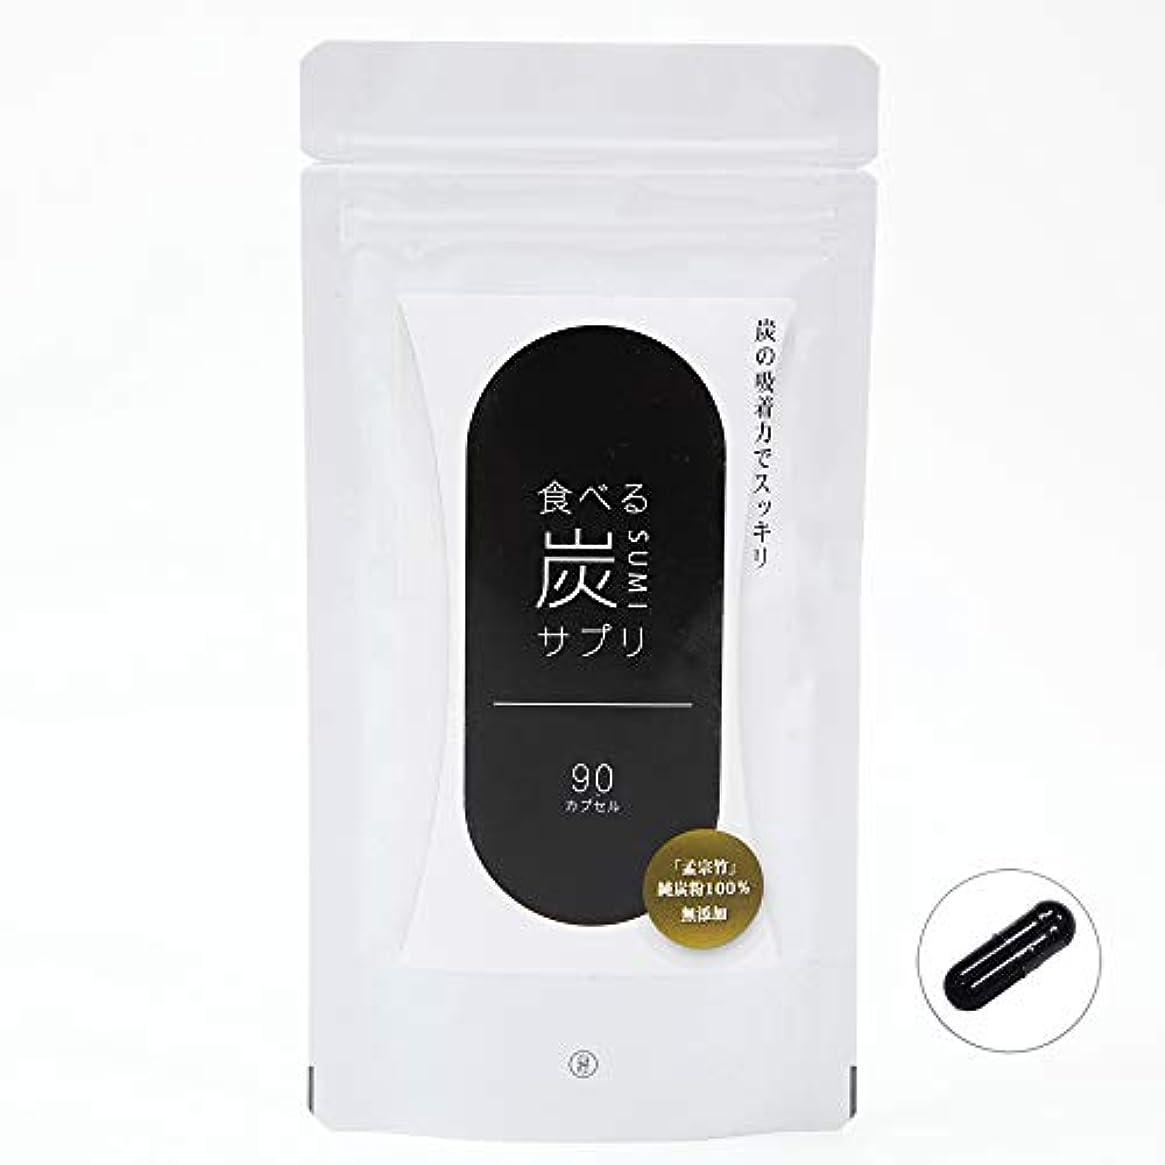 虚弱きゅうり怒って炭ダイエット サプリ 食べる炭 (SUMI) サプリカプセル 90 カプセル入り 国産 竹炭粉入 炭カプセル